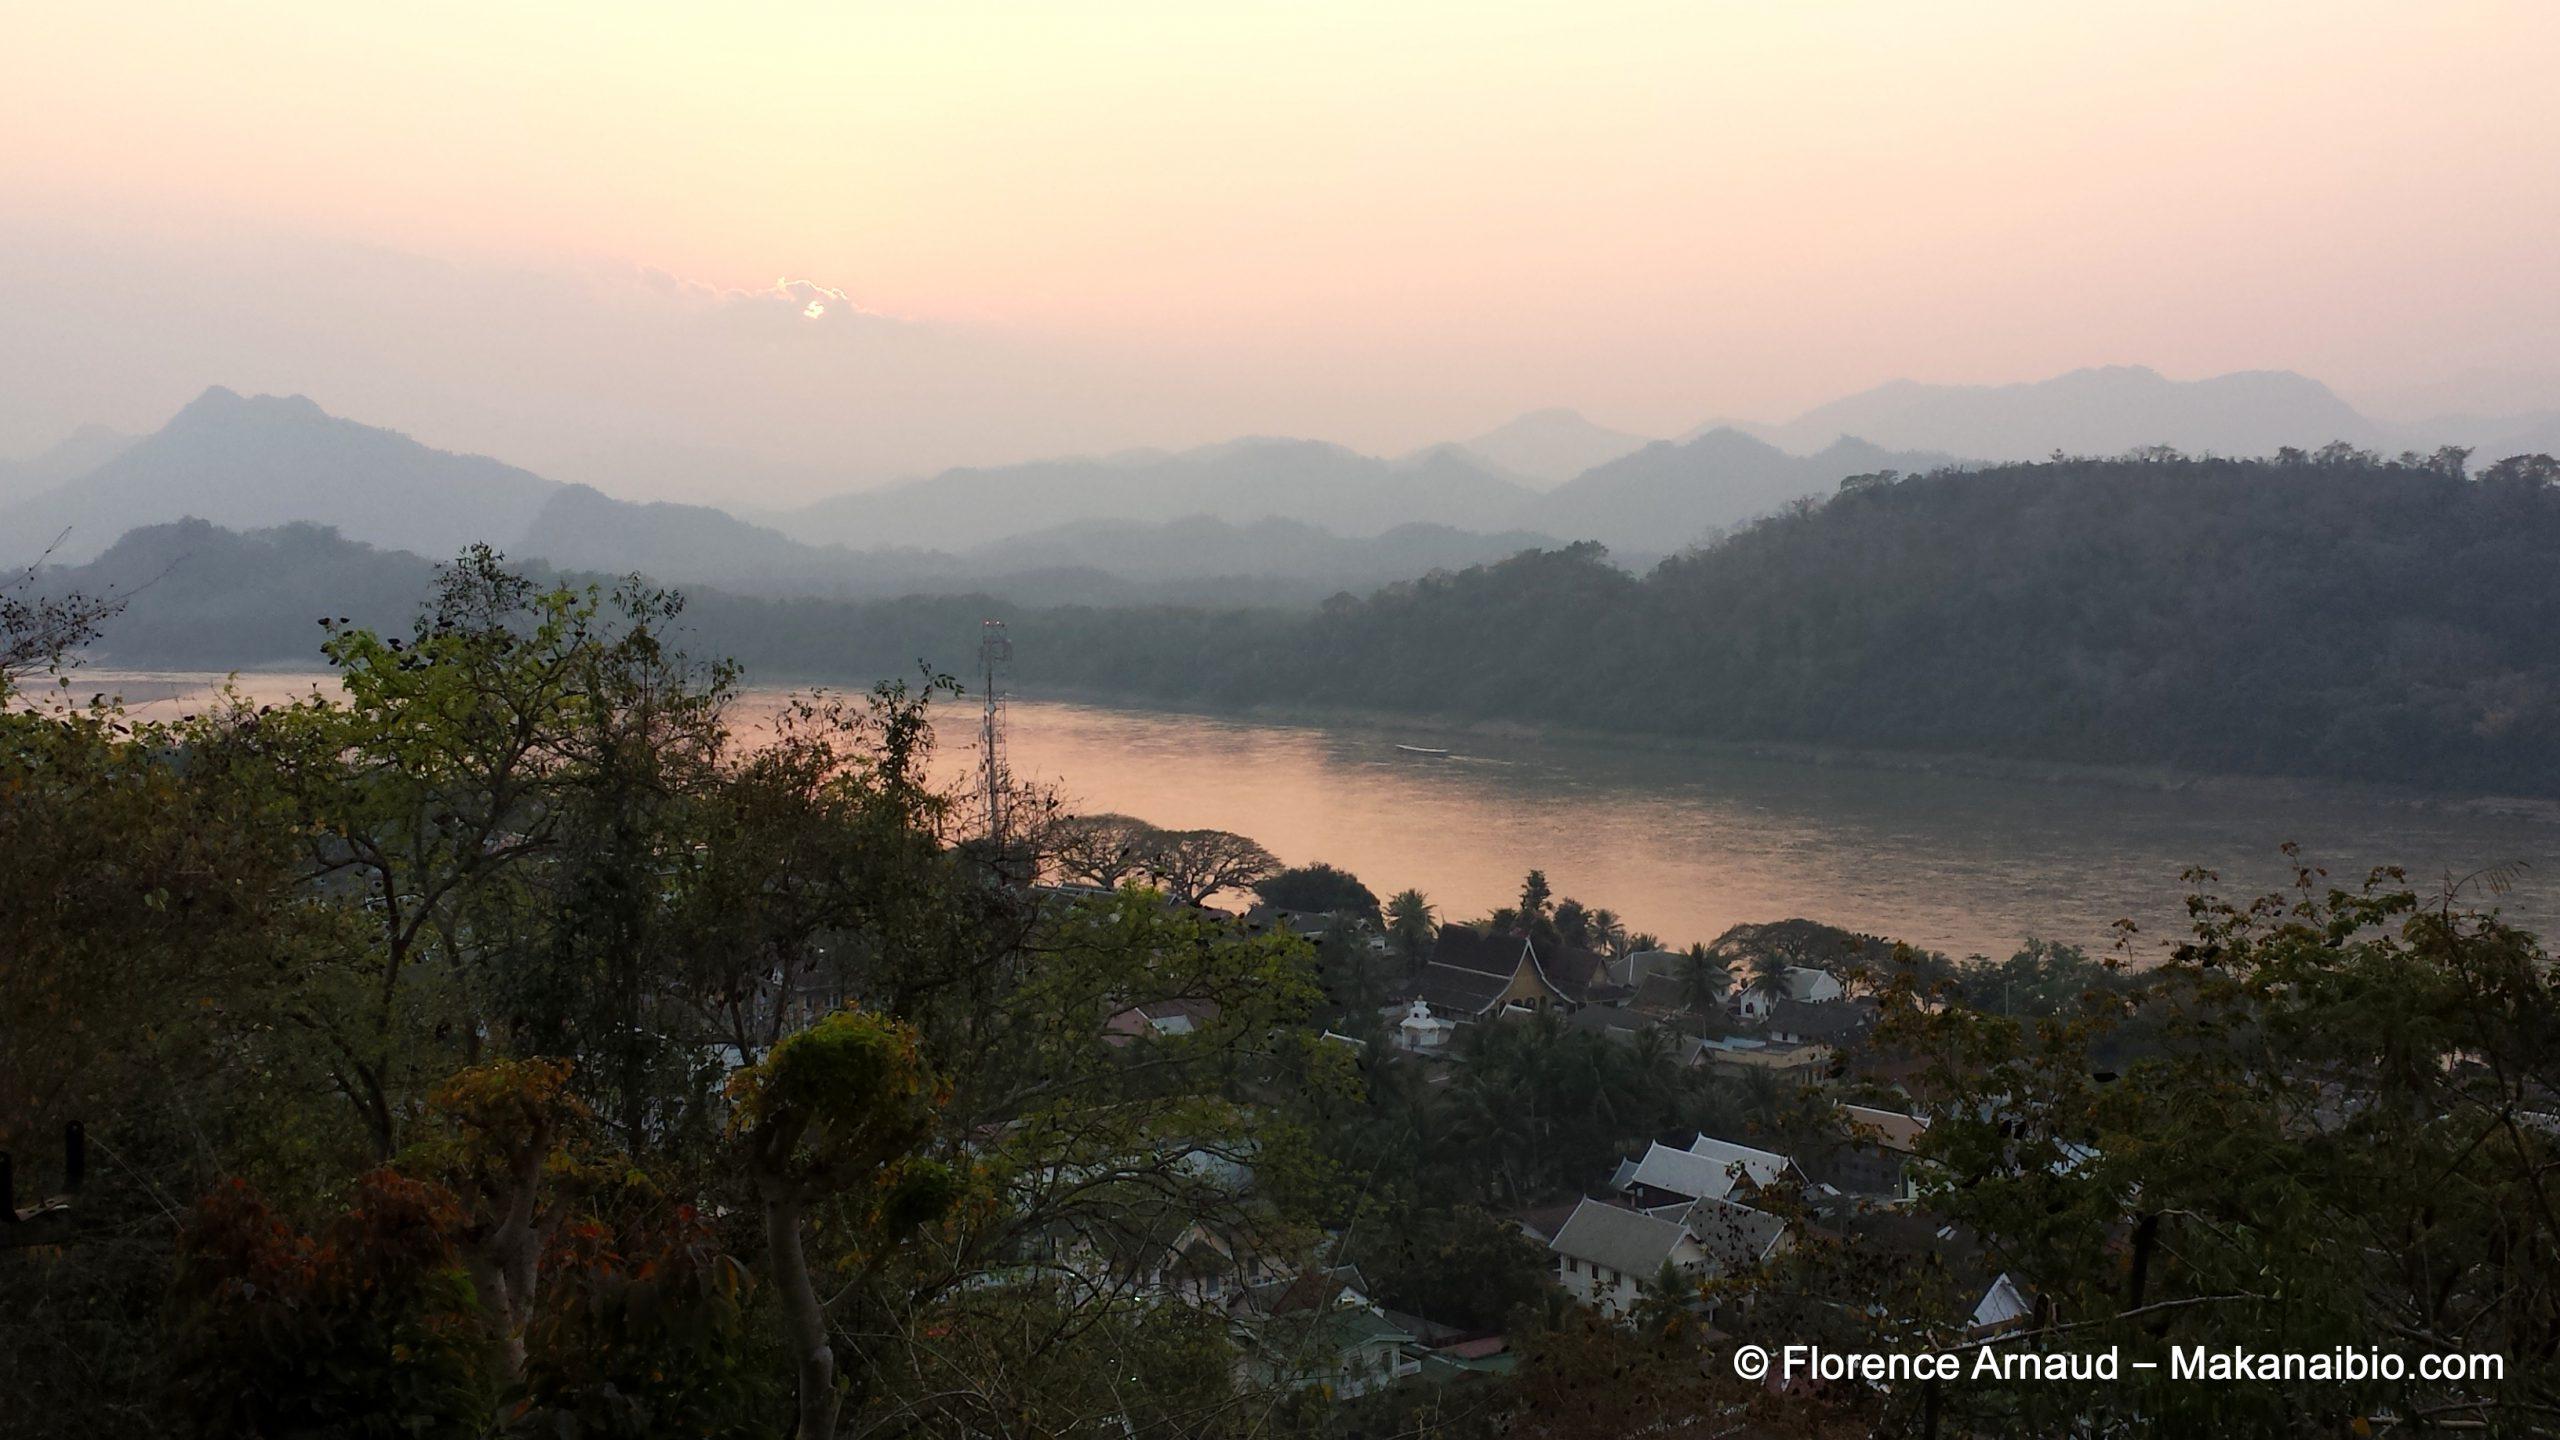 Coucher de soleil sur le Mékong, Luang Prabang, Laos, Février 2014